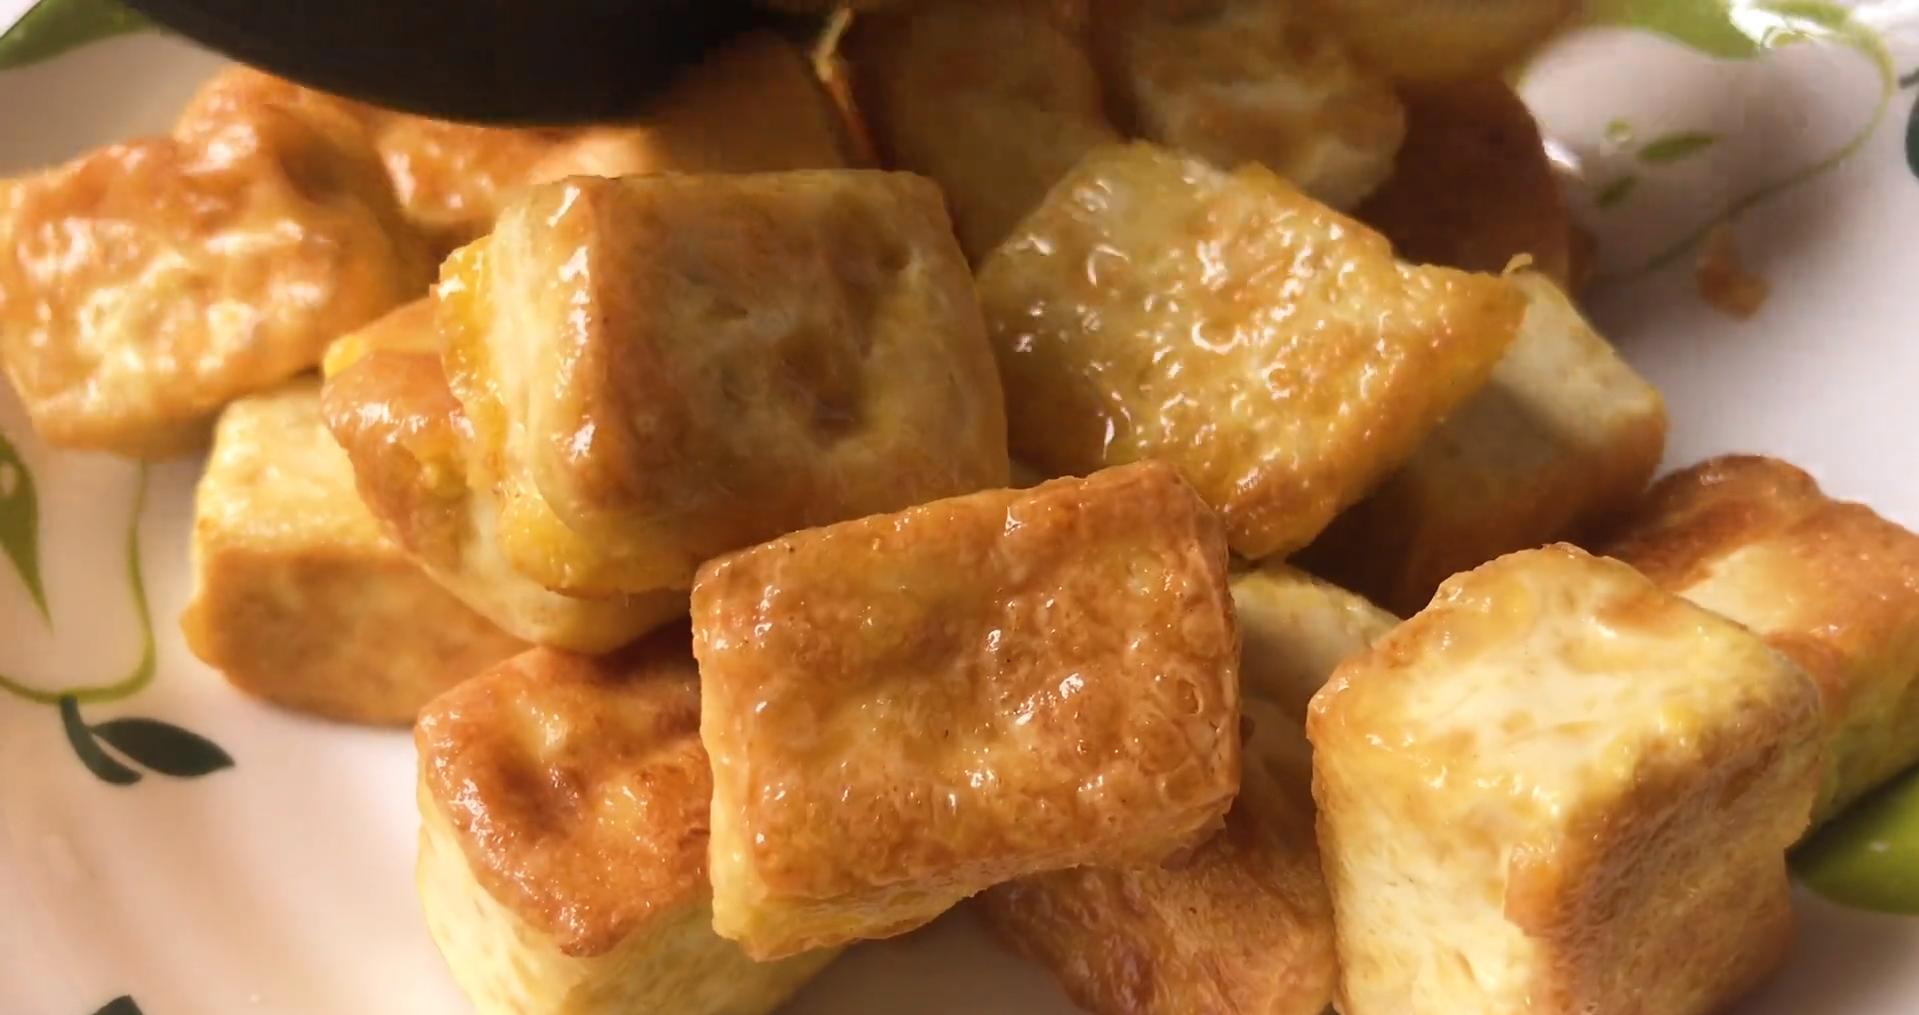 这才是豆腐最好吃的做法,简单易做,比麻婆豆腐好吃,上桌就光盘 美食做法 第13张